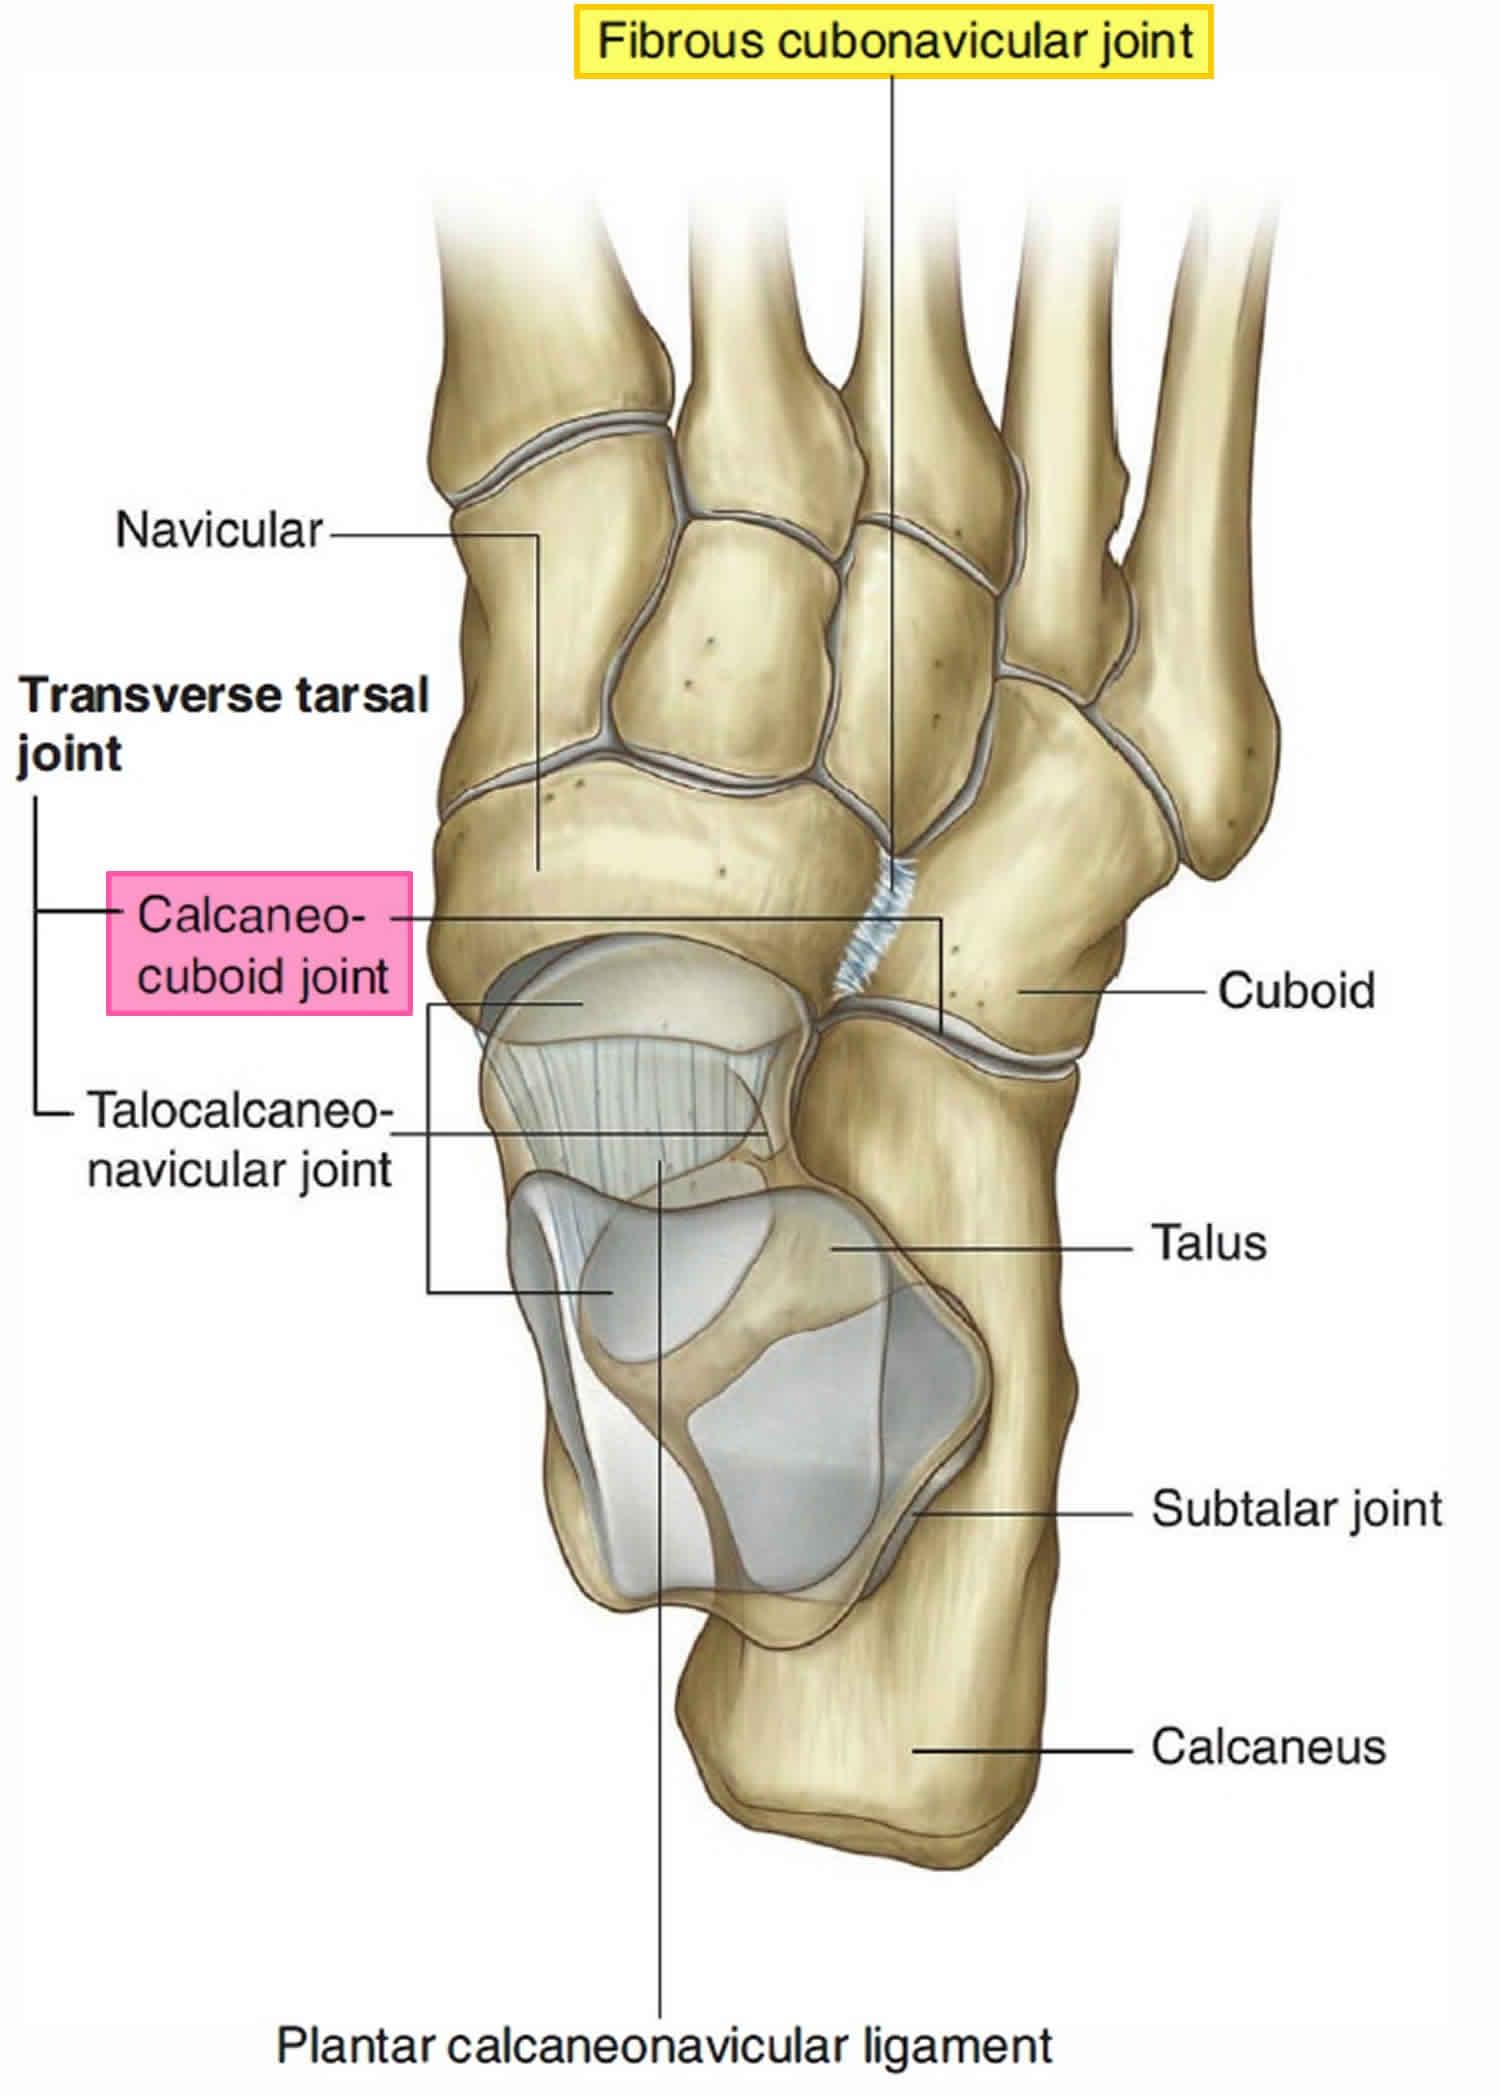 calcaneocuboid joint